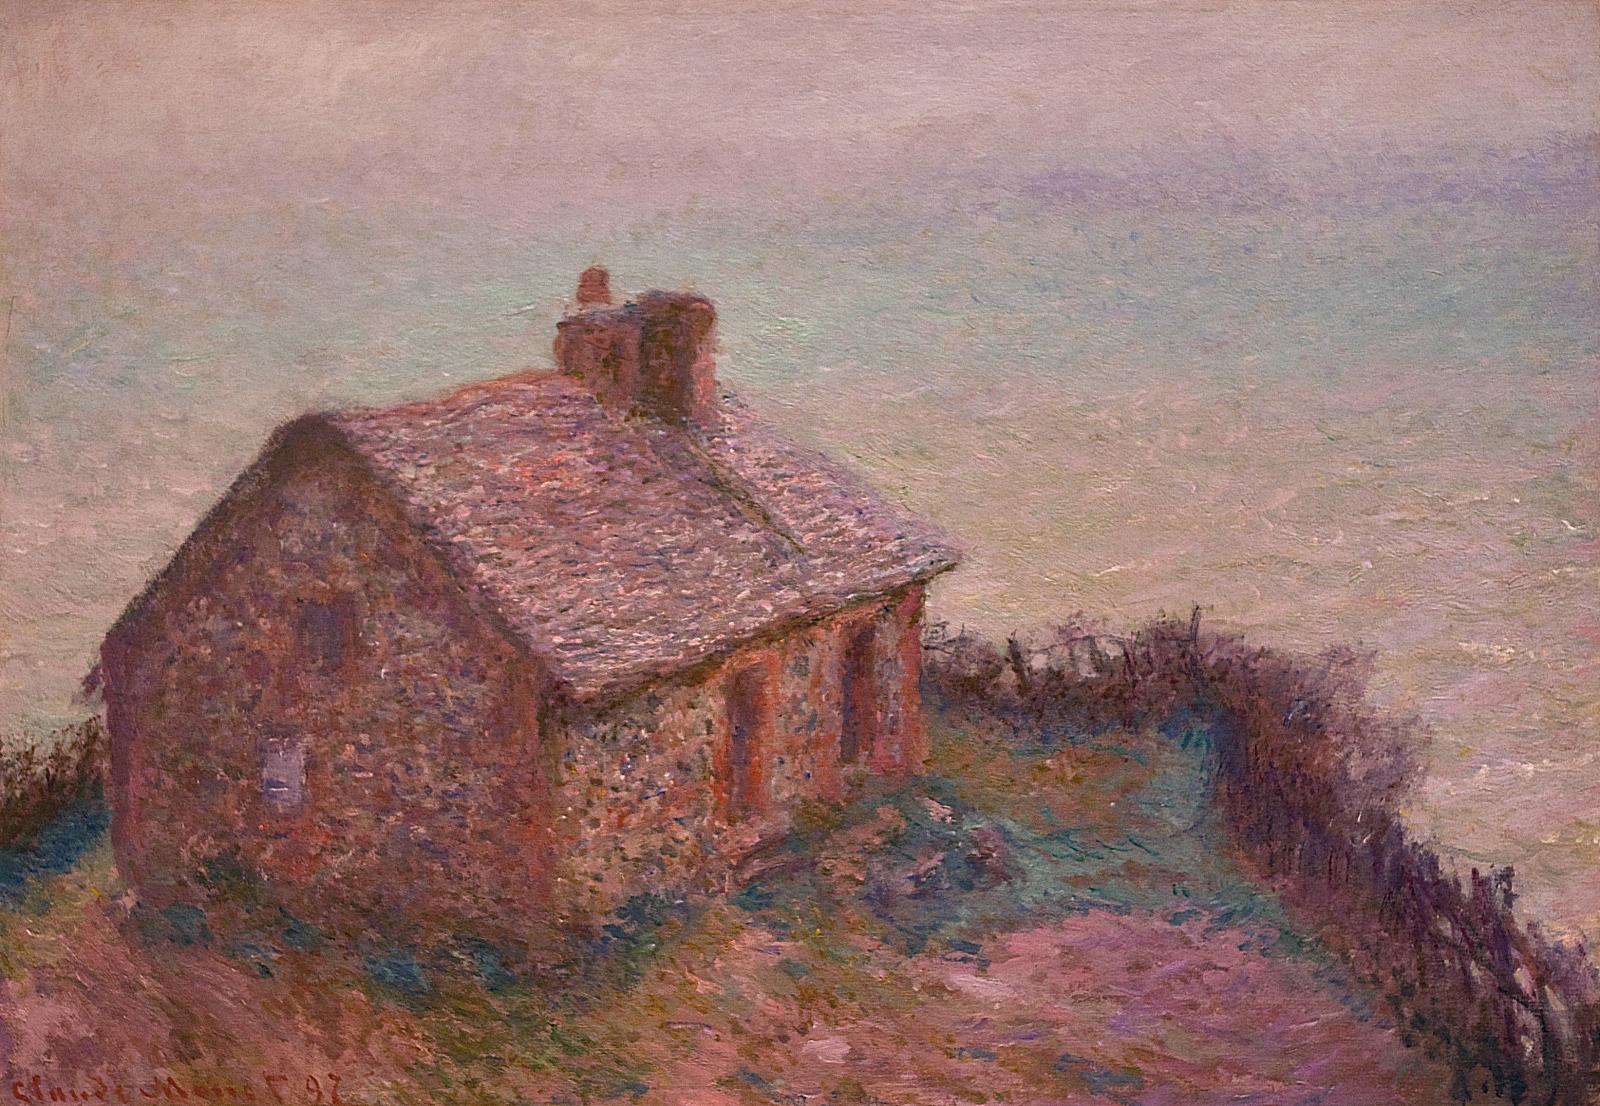 pintar-paisajes-impresionismo-Monet, El color y la atmósfera al pintar paisajes en el impresionismo